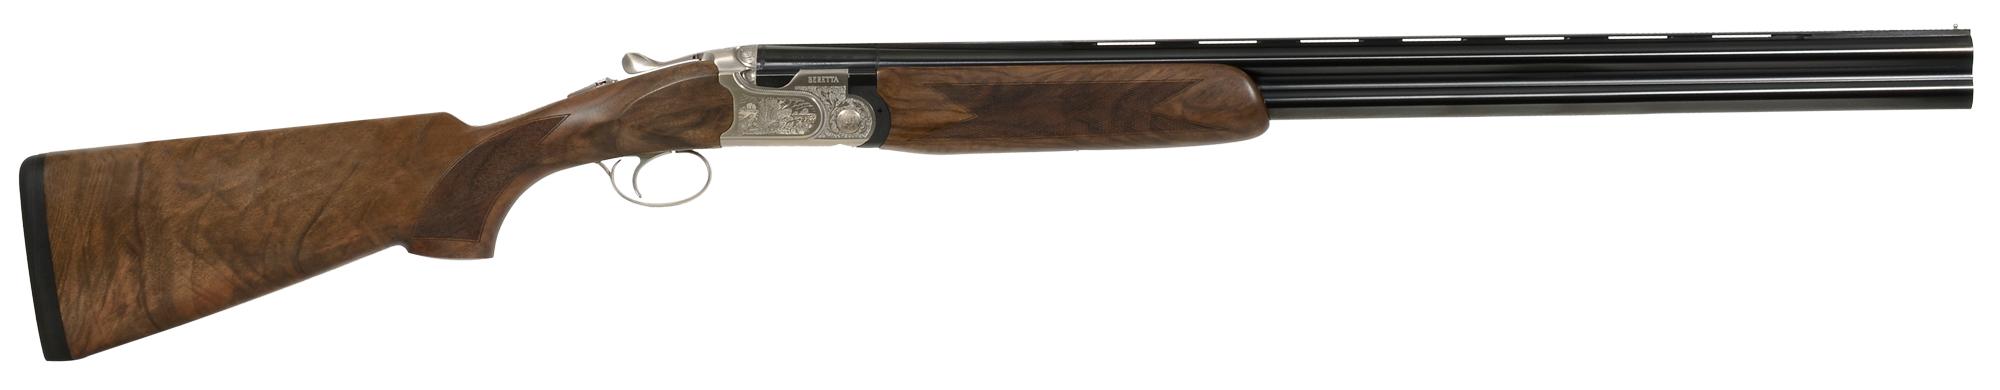 Beretta 690 Field III LH 12GA 26